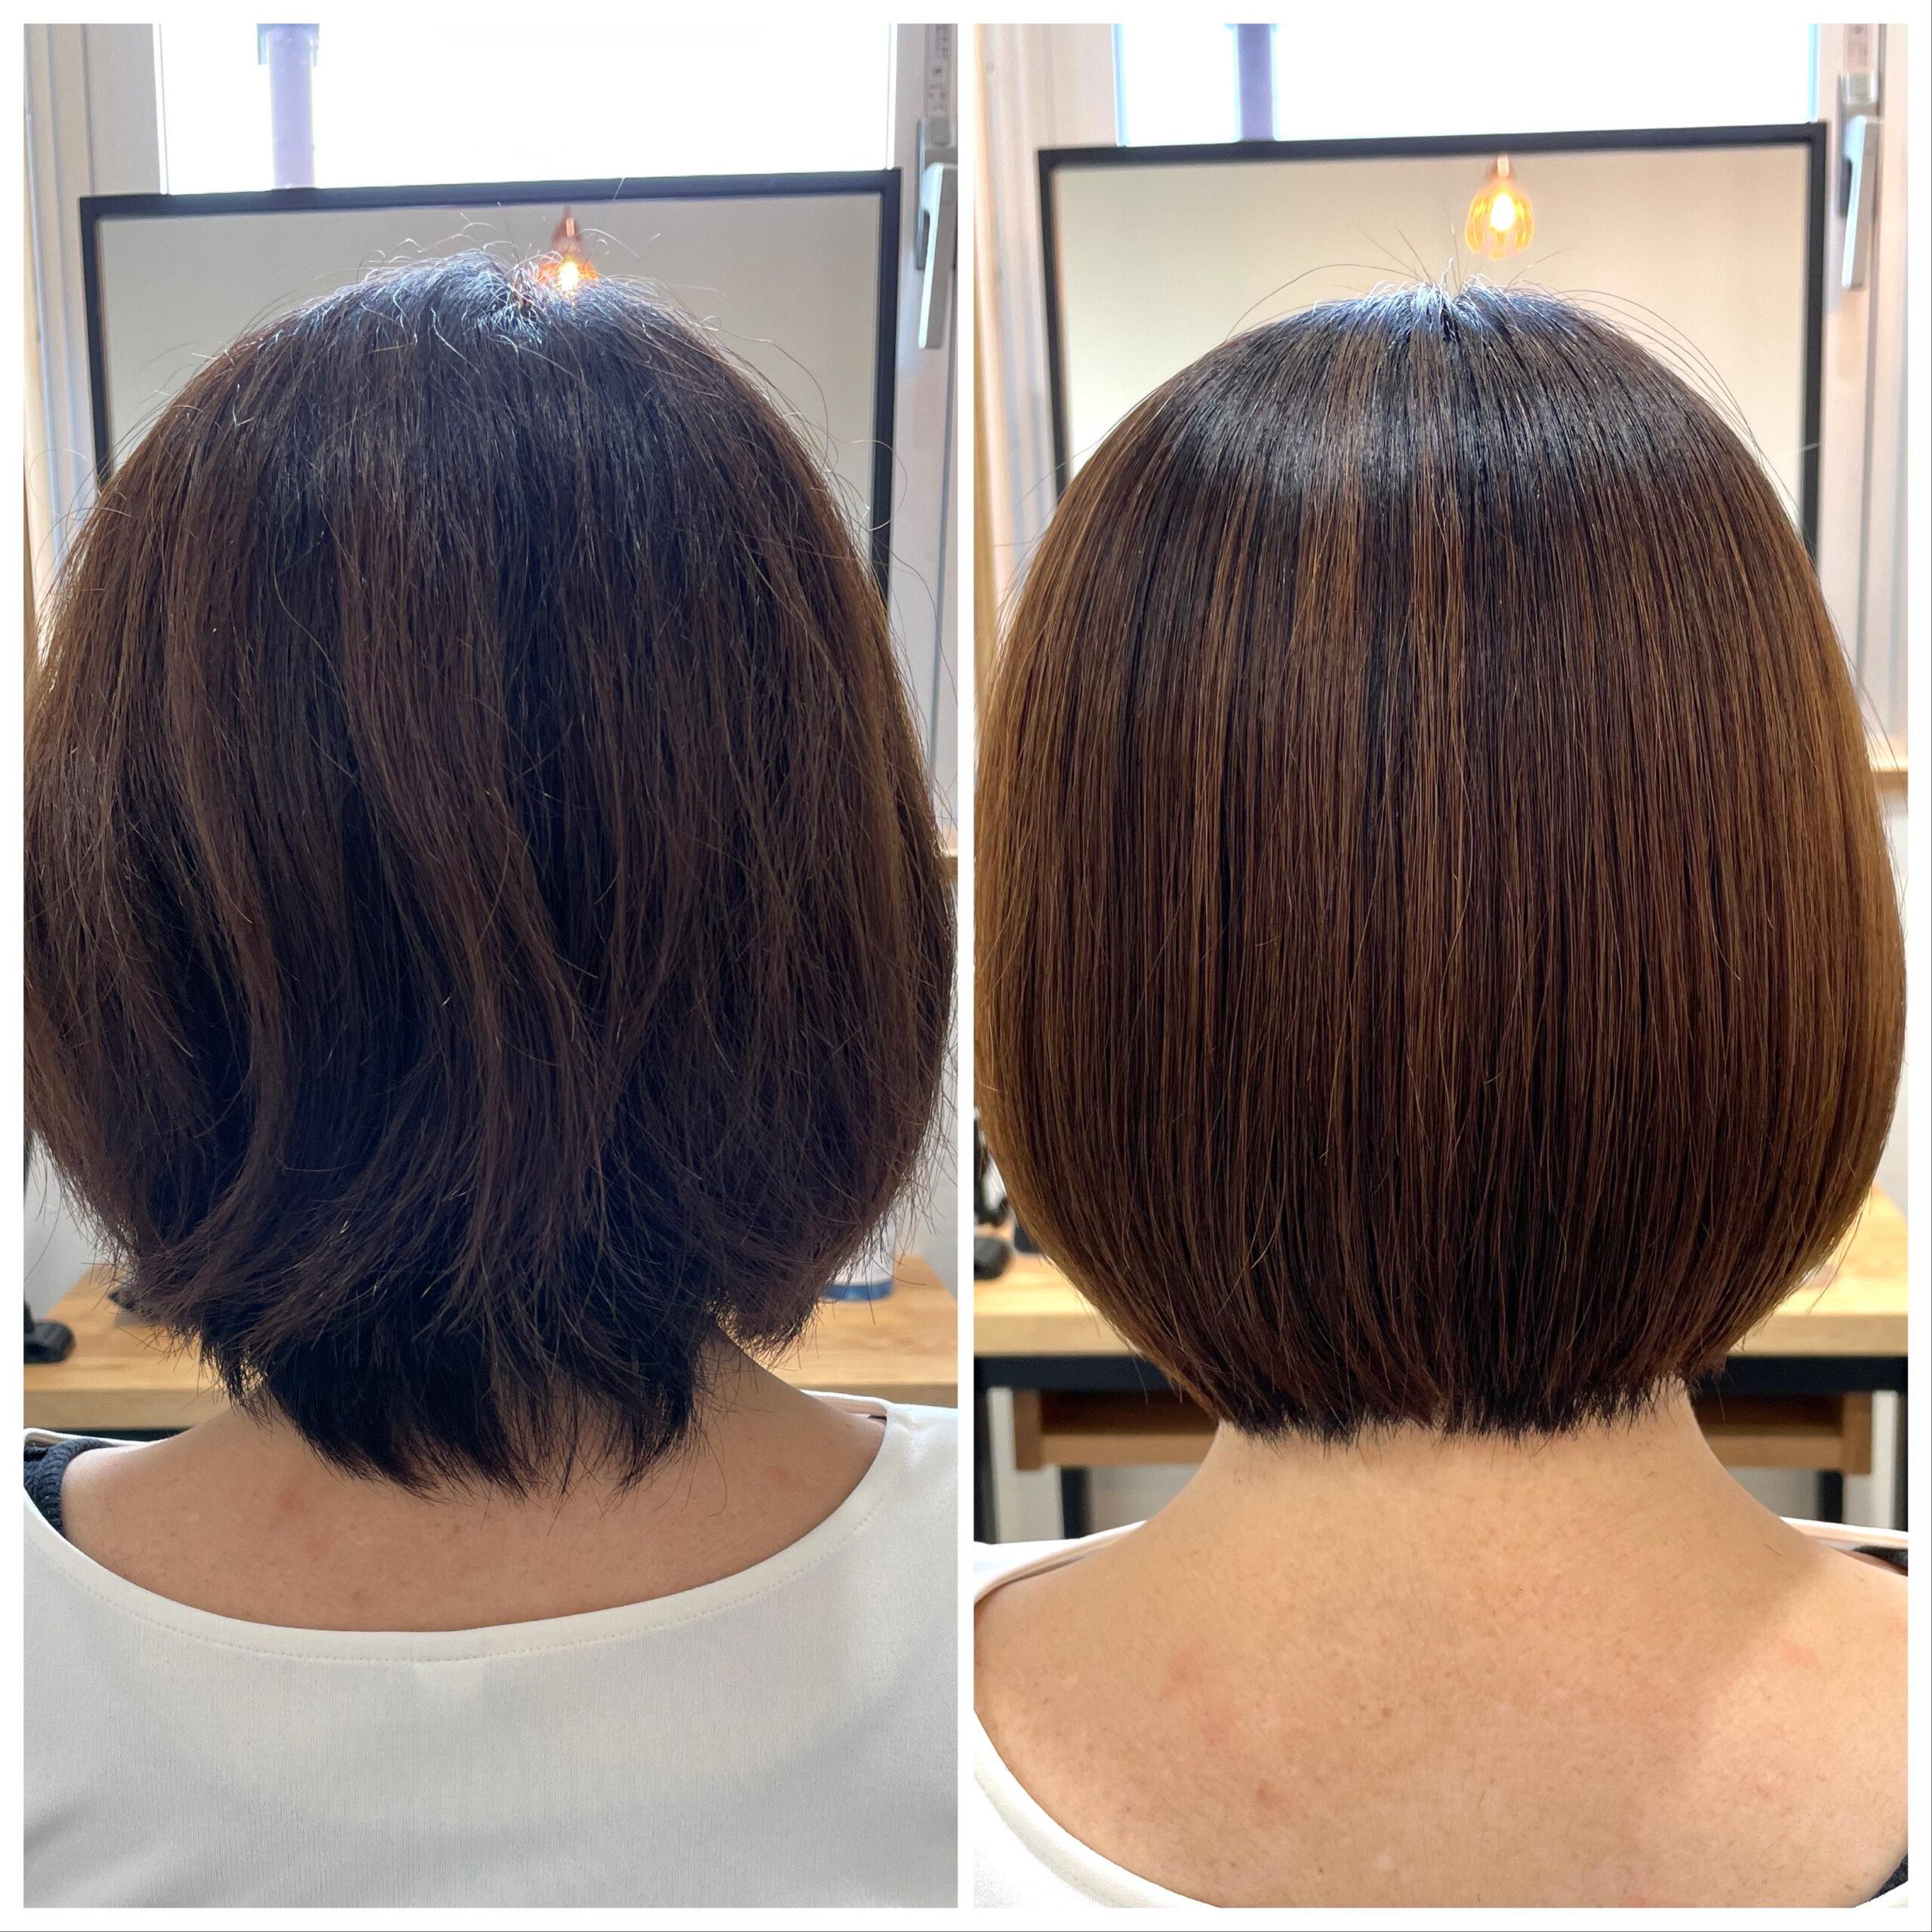 大分県別府市 髪質改善の弱酸性ストレートで自然なボブスタイル ビフォーアフター